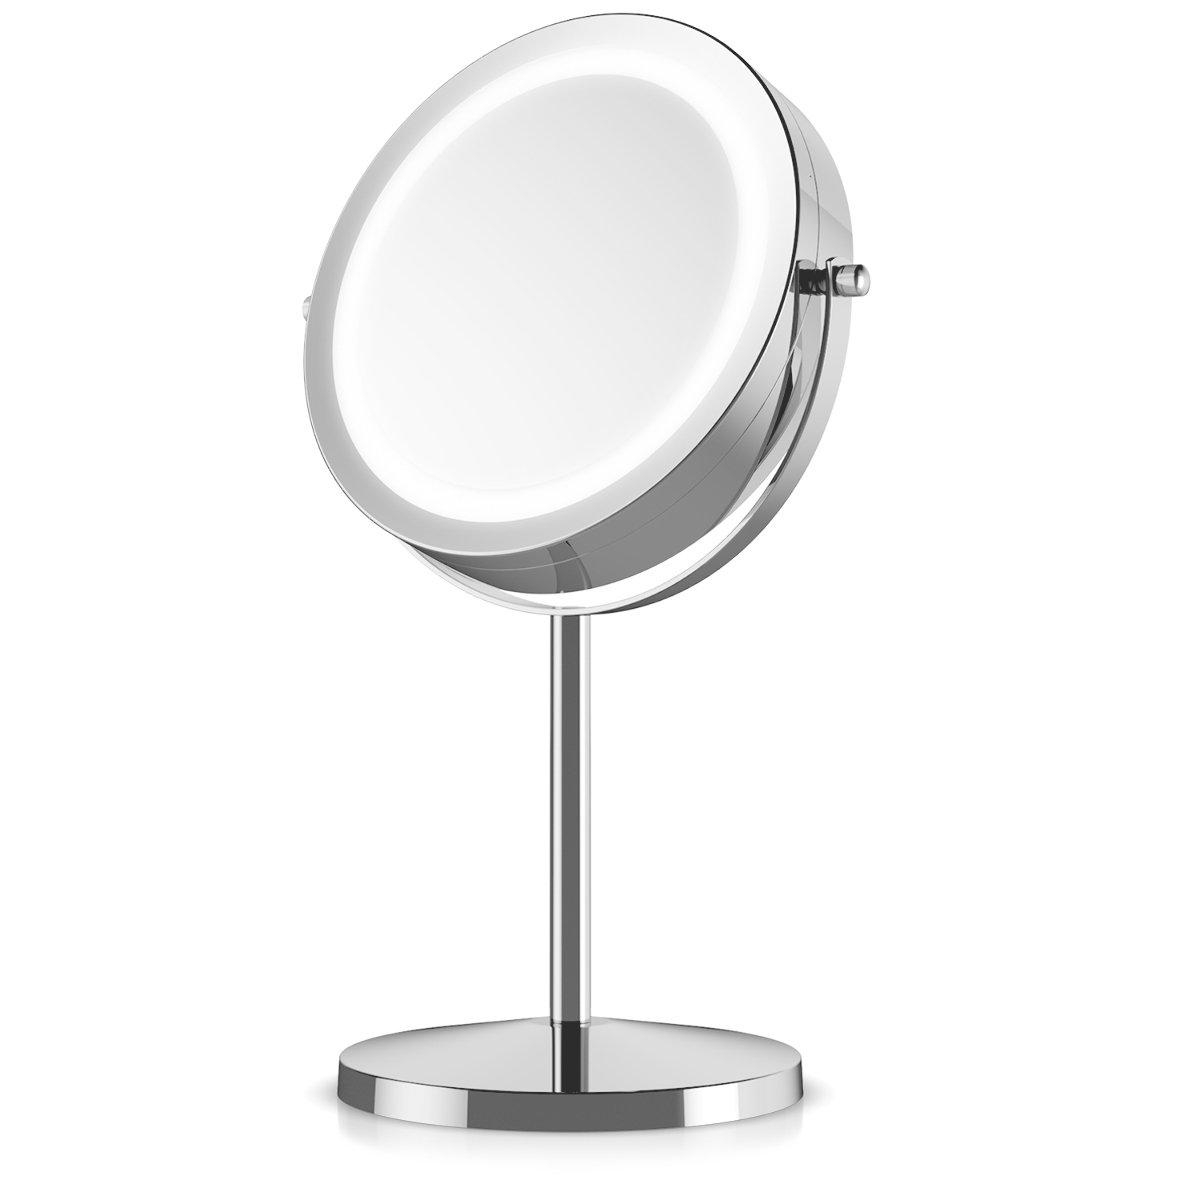 Miroir /à pied normal et grossissant x5 Miroir rond lumineux salle de bain pour maquillage Navaris Miroir cosm/étique lumi/ère LED Rotatif 360/°